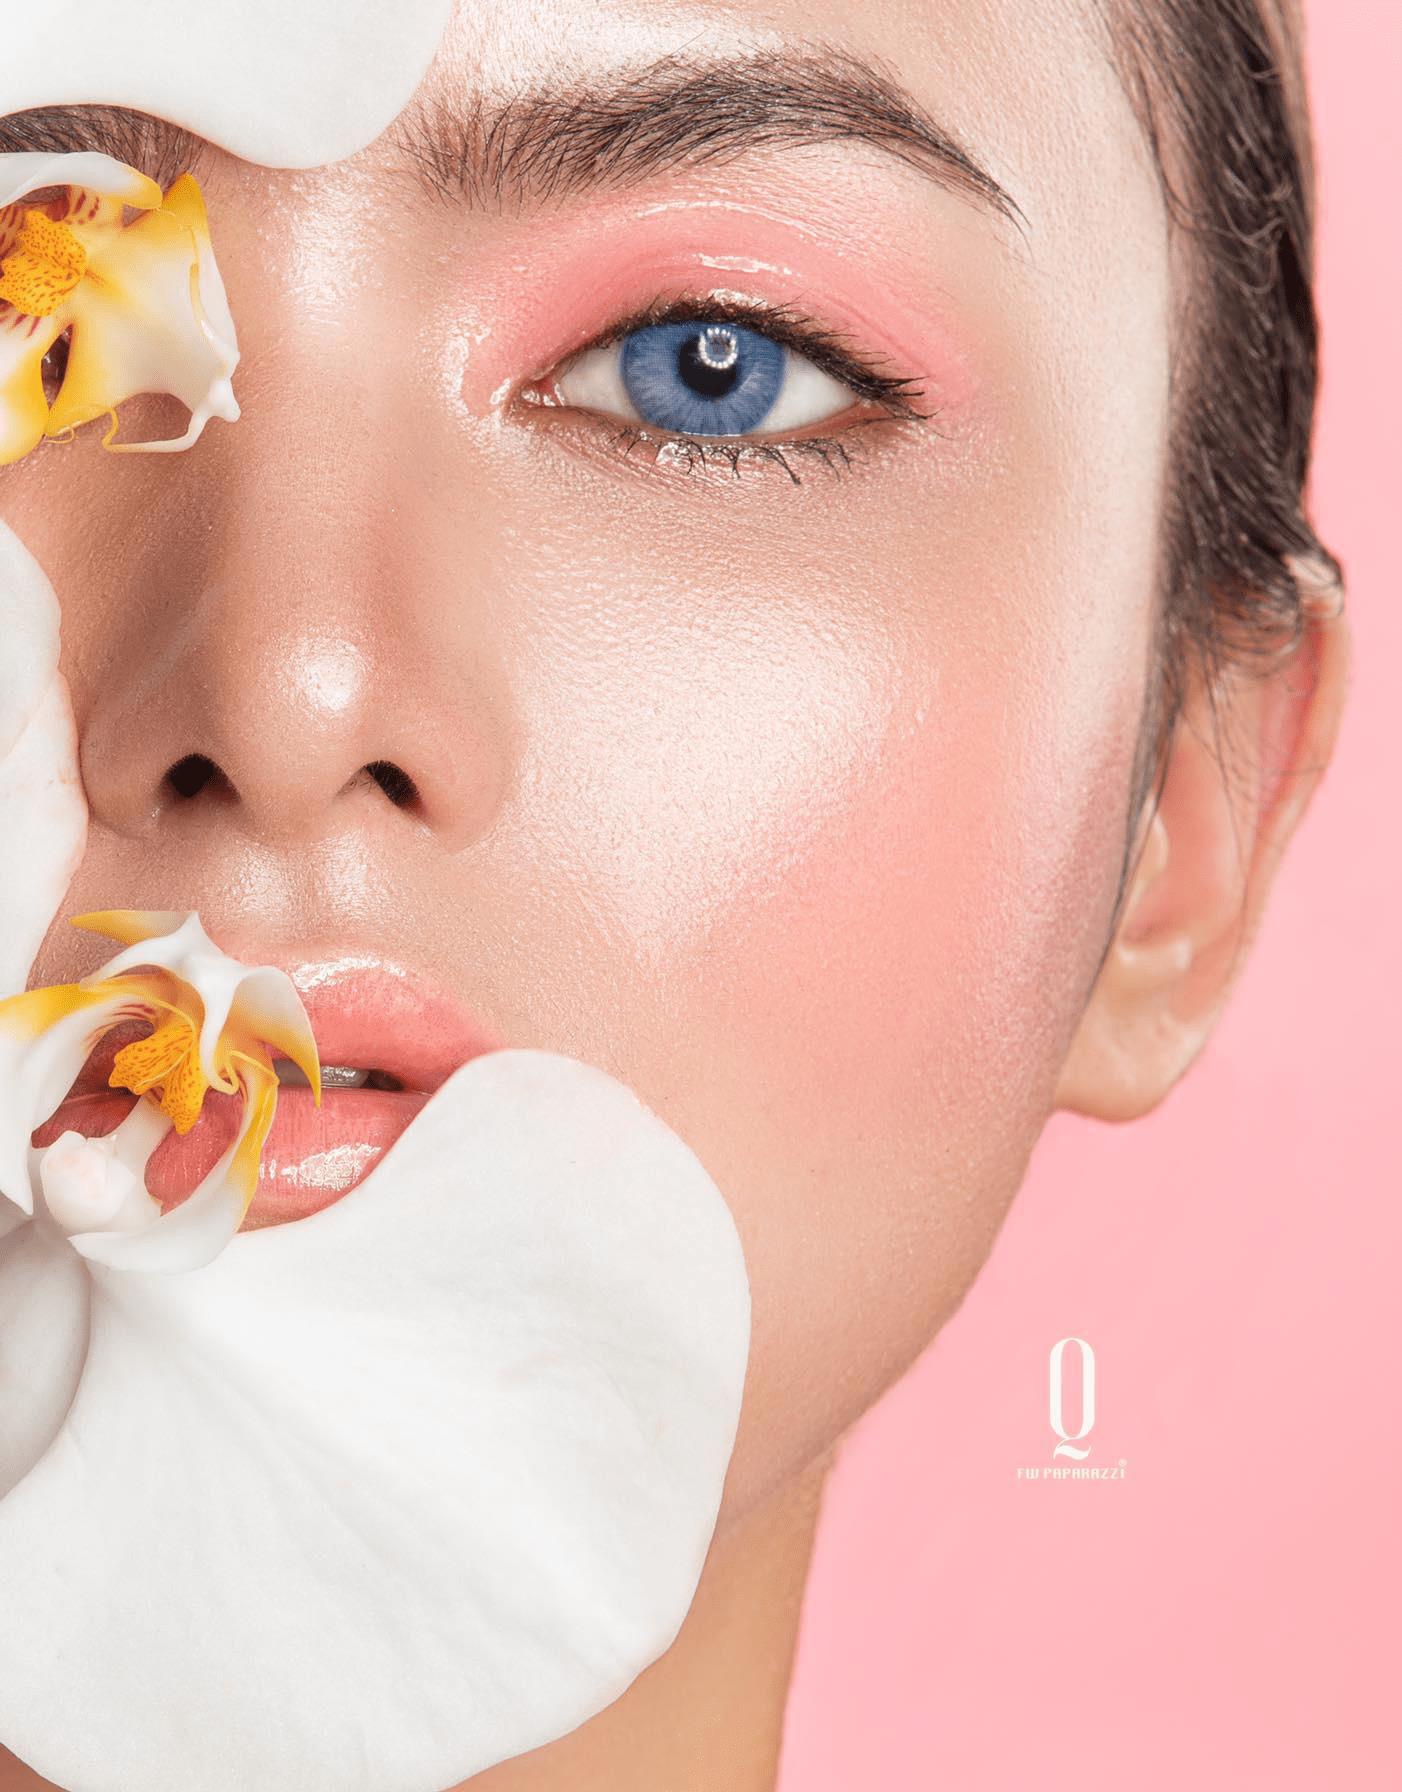 Rẽ ngang theo đuổi đam mê, cô nàng 9x Hoàng Quyên gặt hái thành công với nghệ thuật make-up - Ảnh 1.